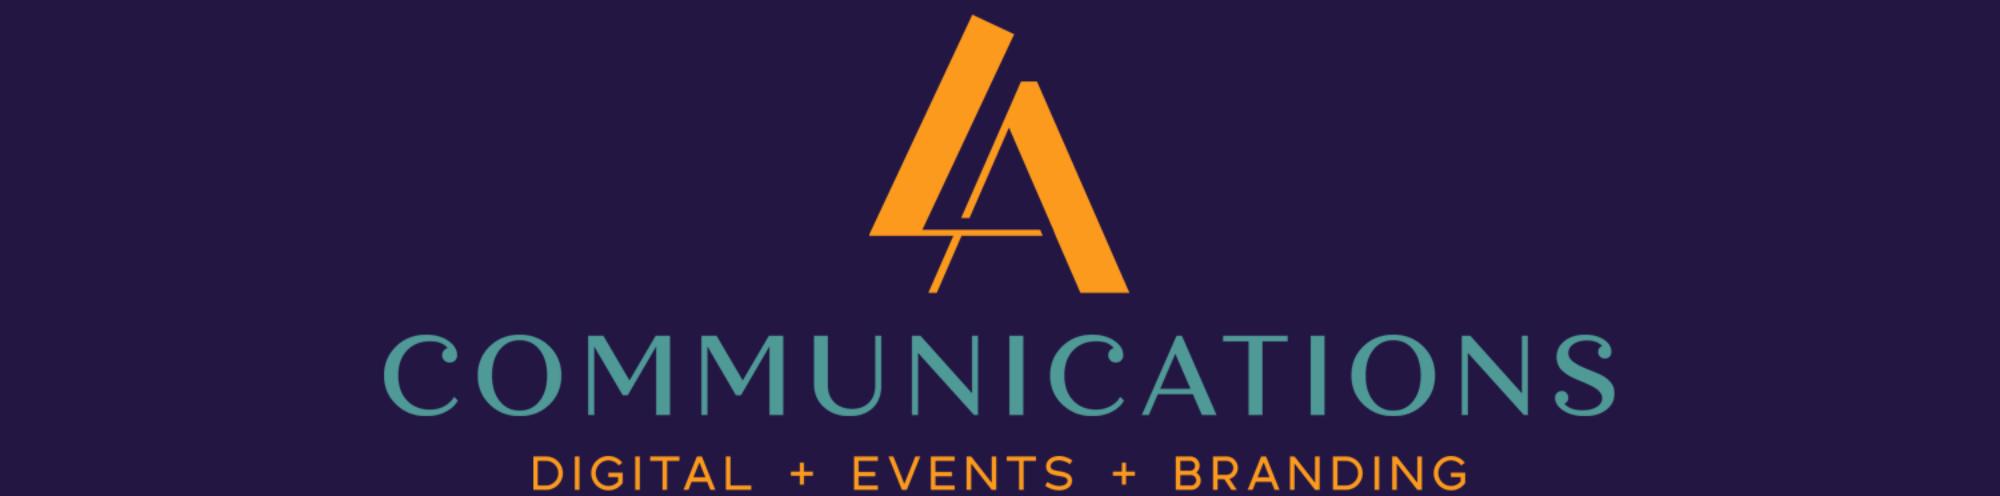 LA Communications